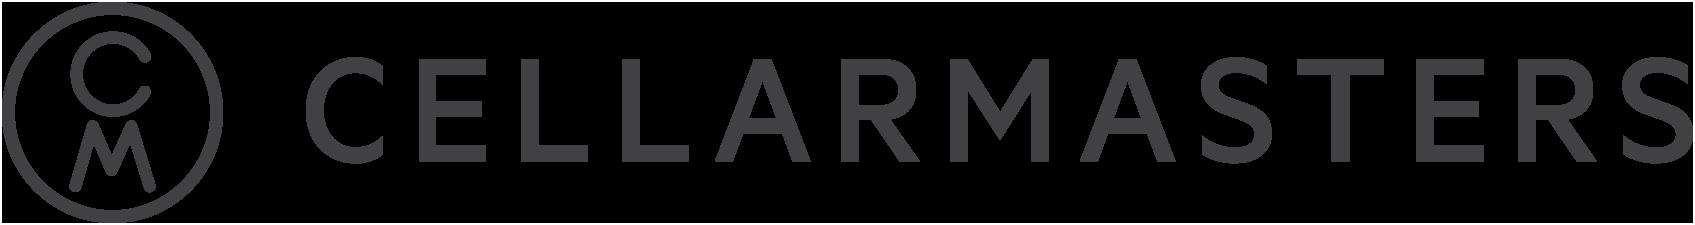 Cellarmasters Logo